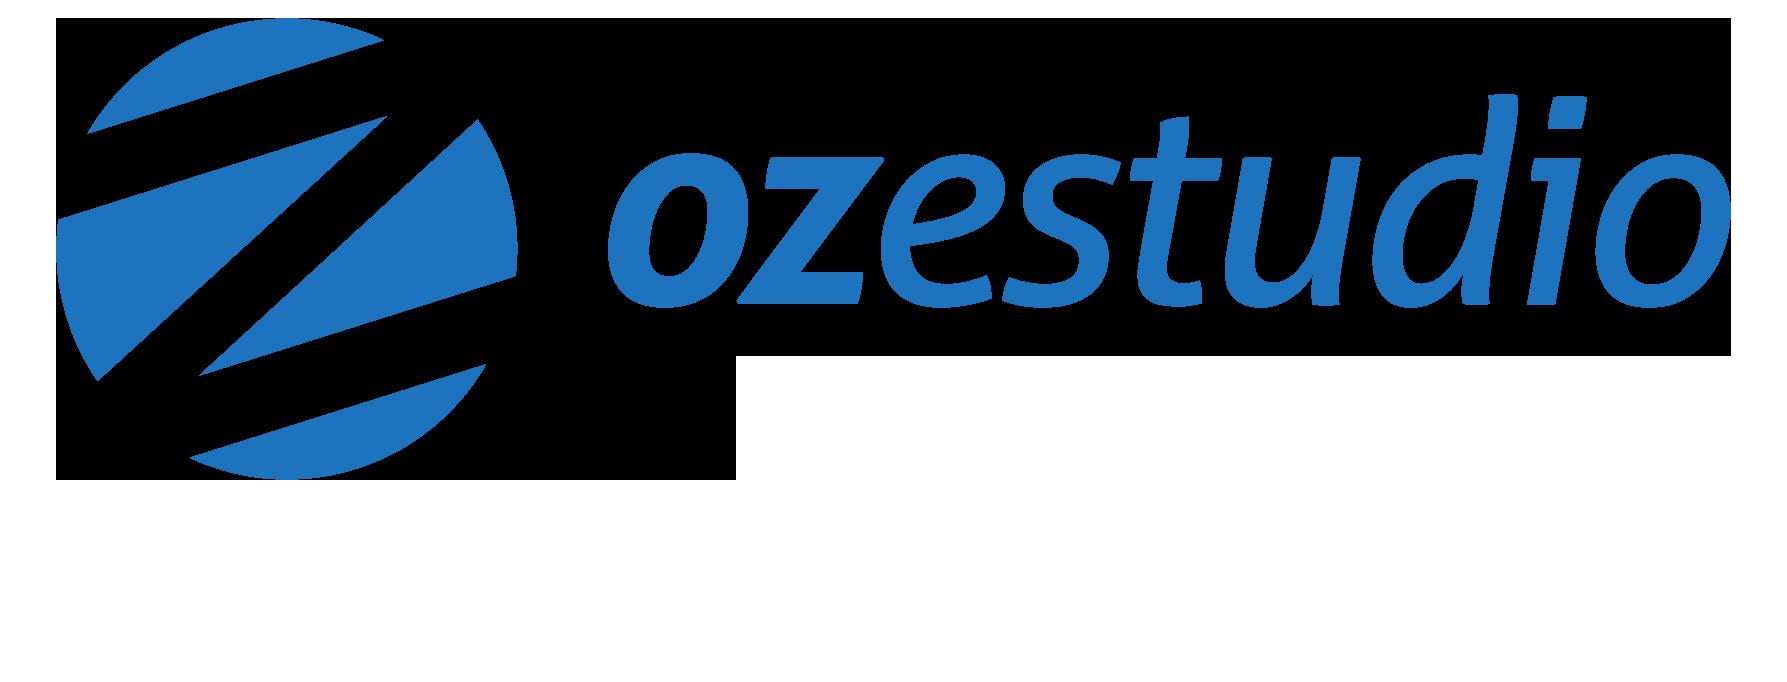 OZ estudio - Diseño Web Diseño Gráfico y Servicios de Hosting